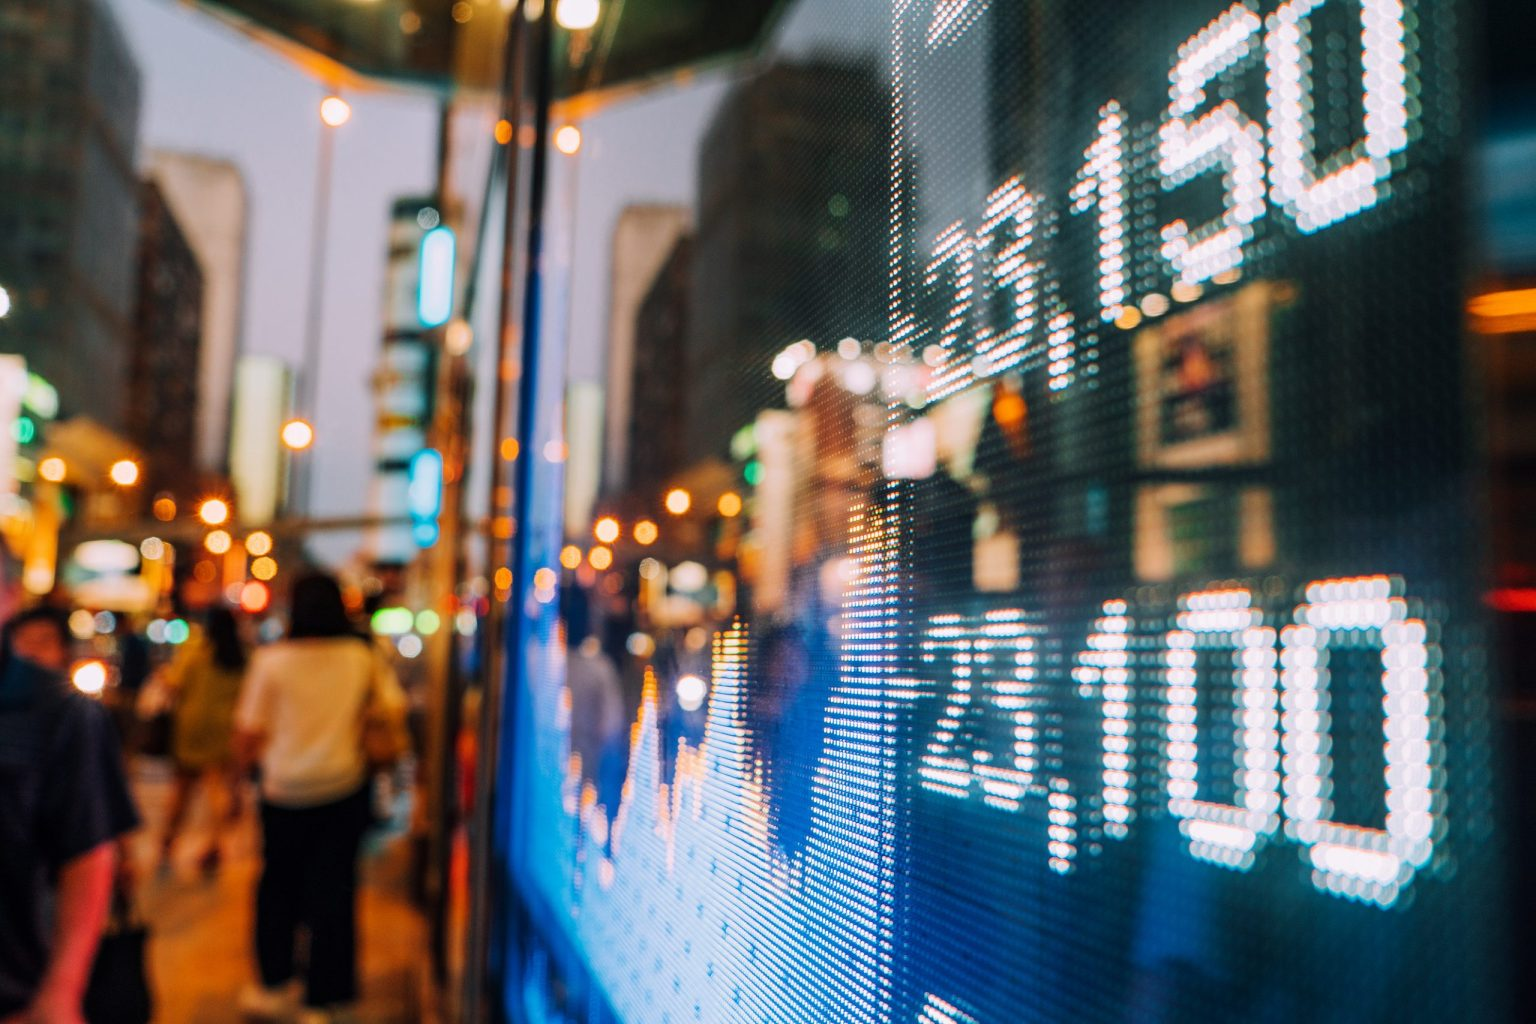 El impacto de Covid-19 en el nivel de actividad de Finanzas Corporativas